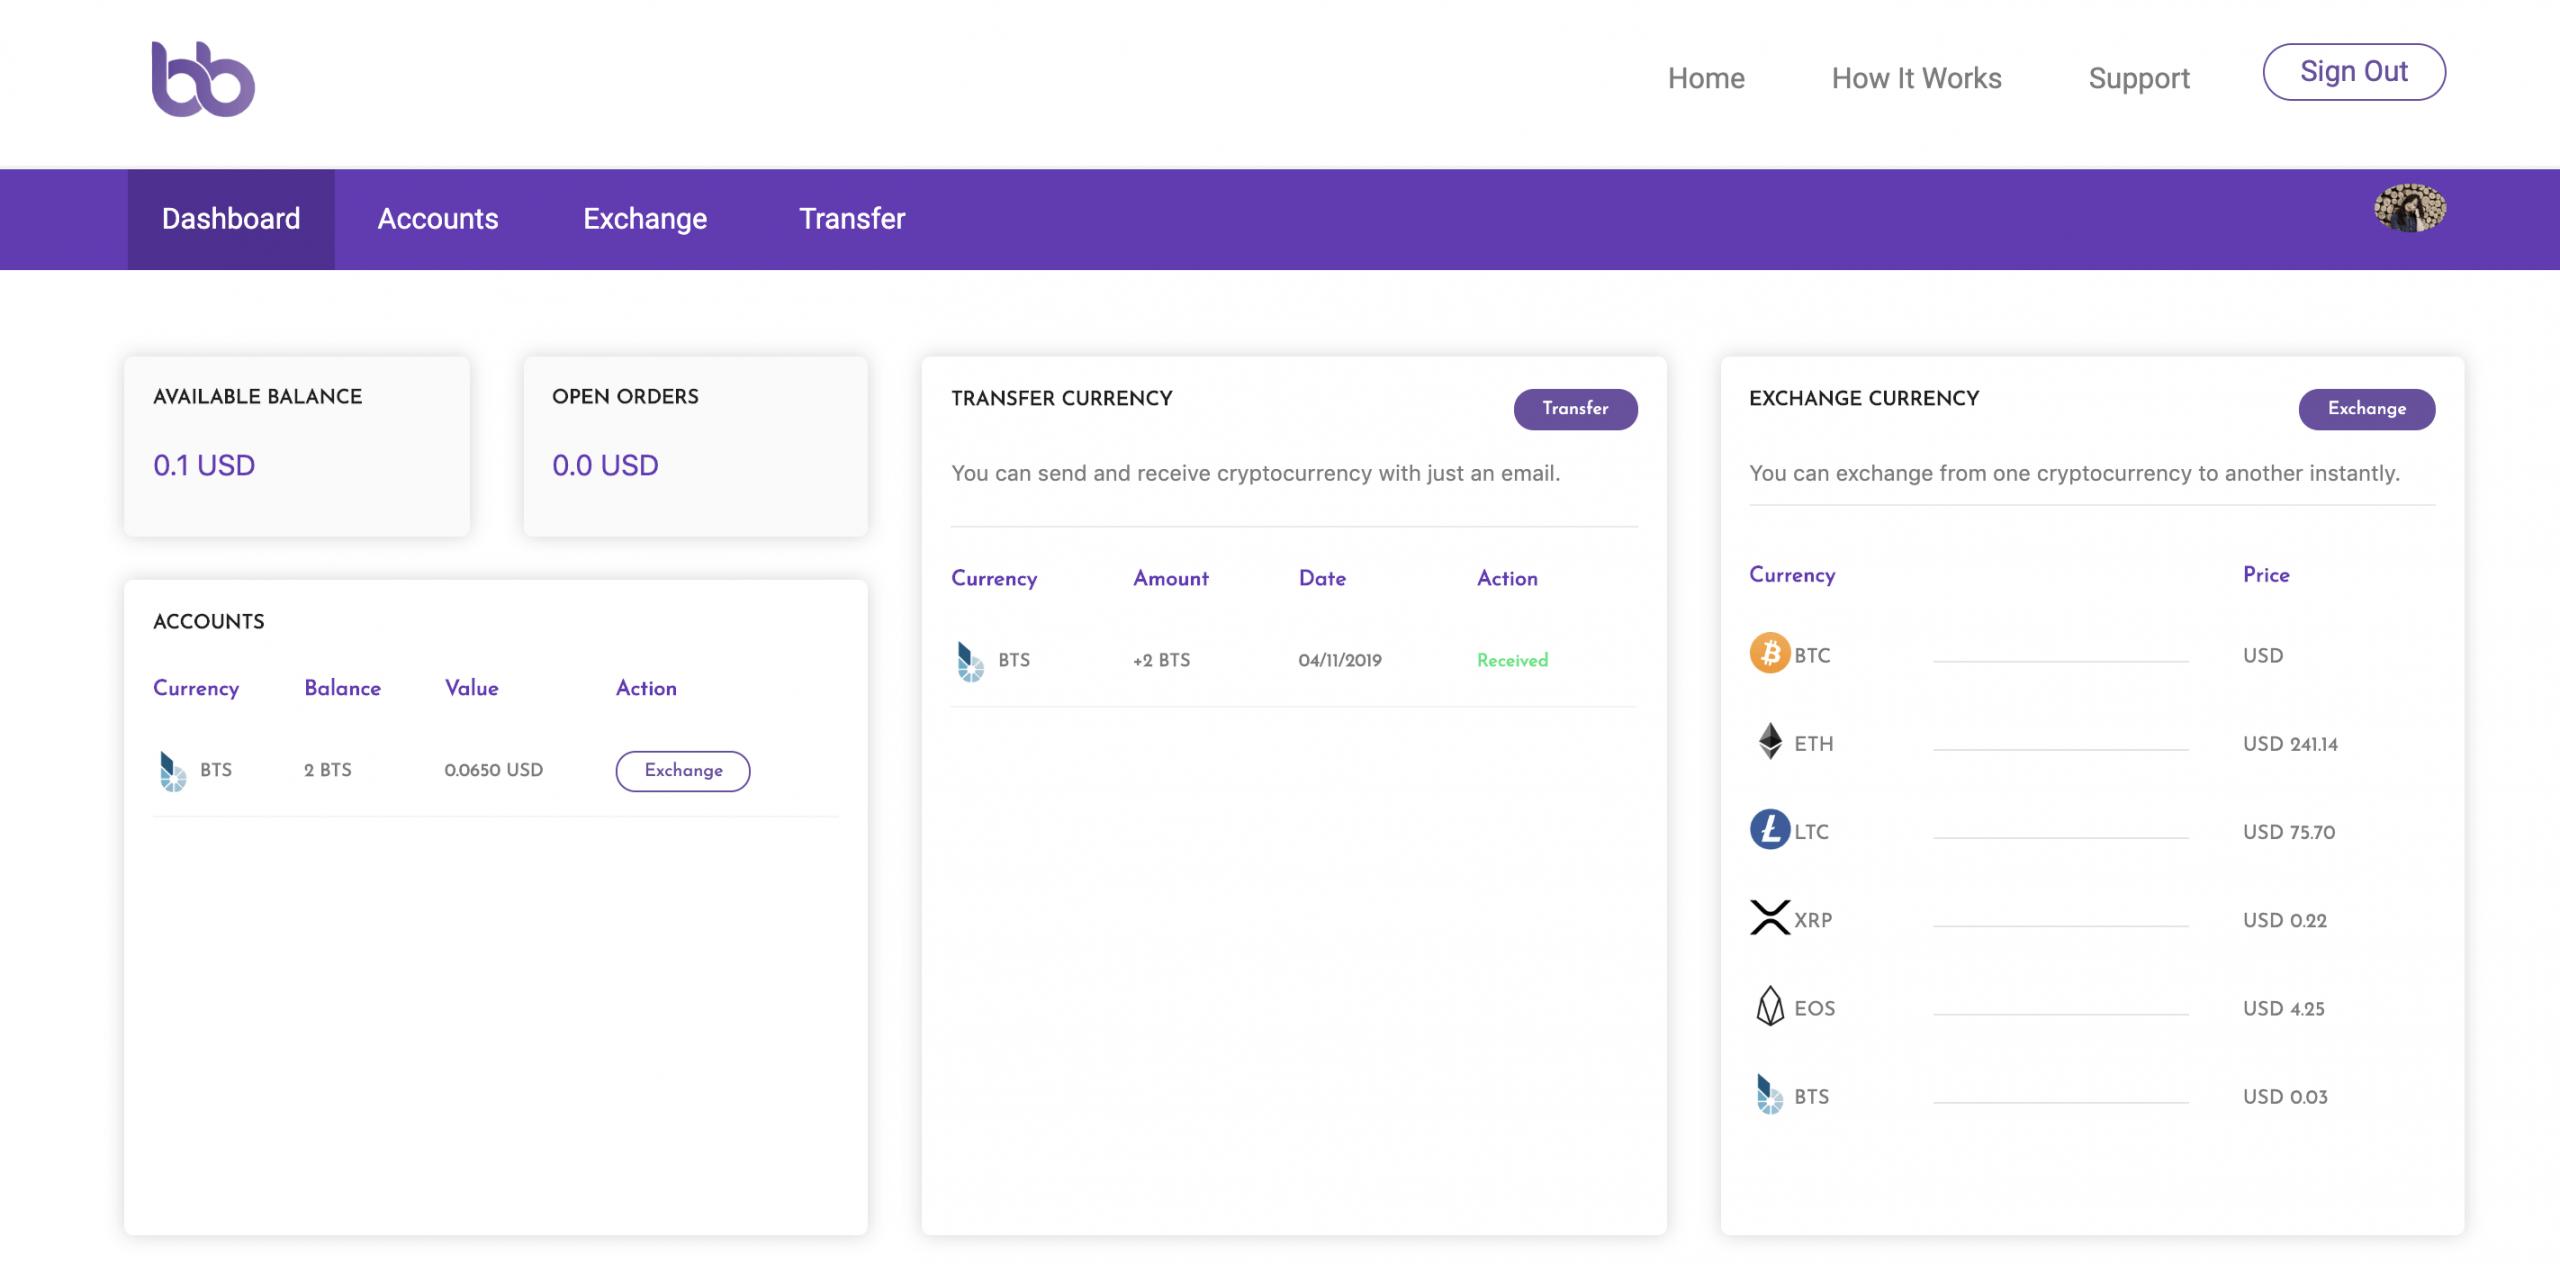 Blockbasis Dashboard